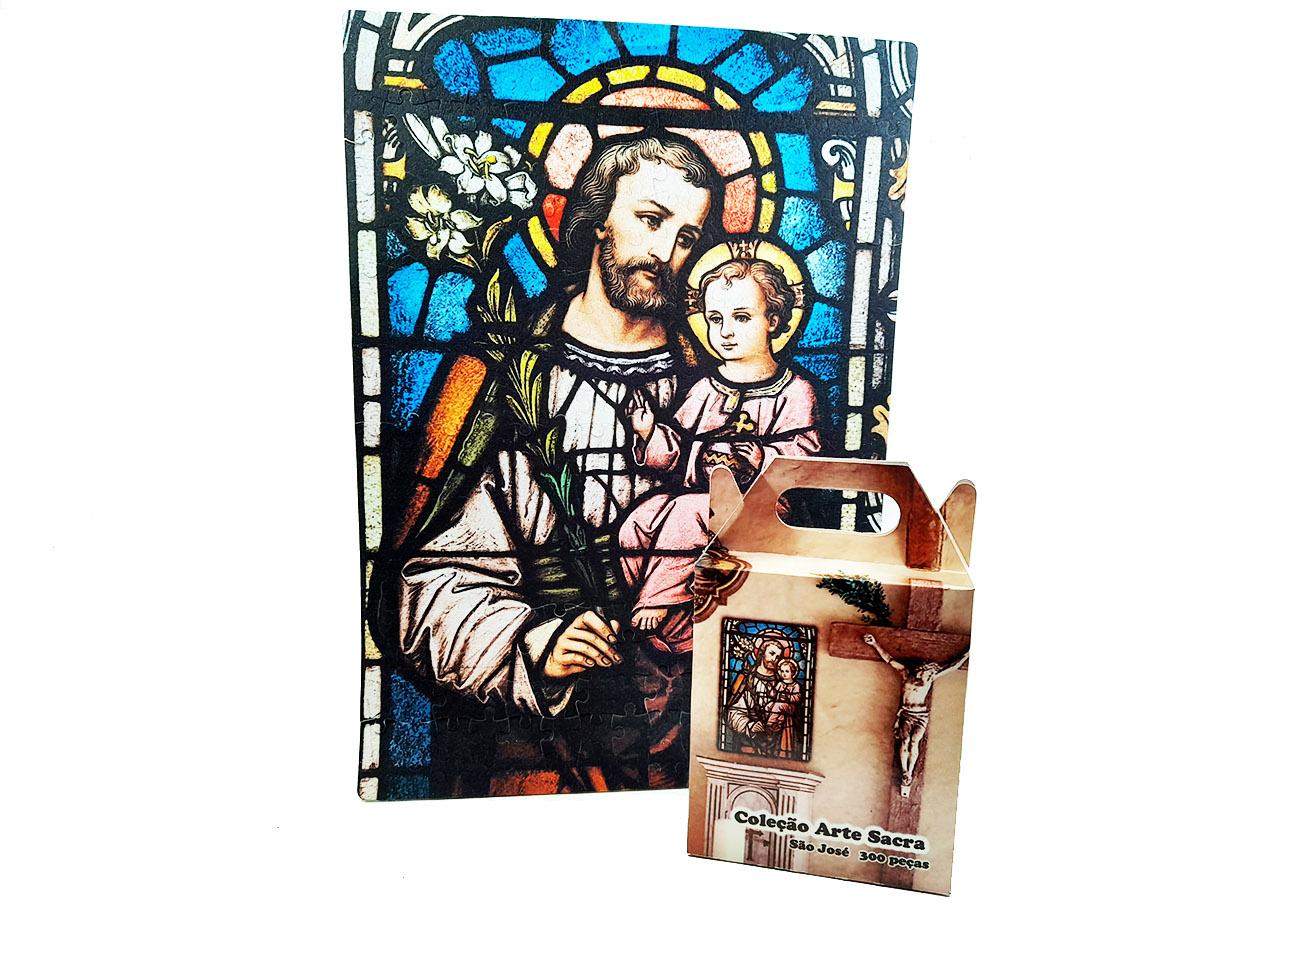 Quebra-Cabeça Religioso São José de 300 peças + Terço Especial